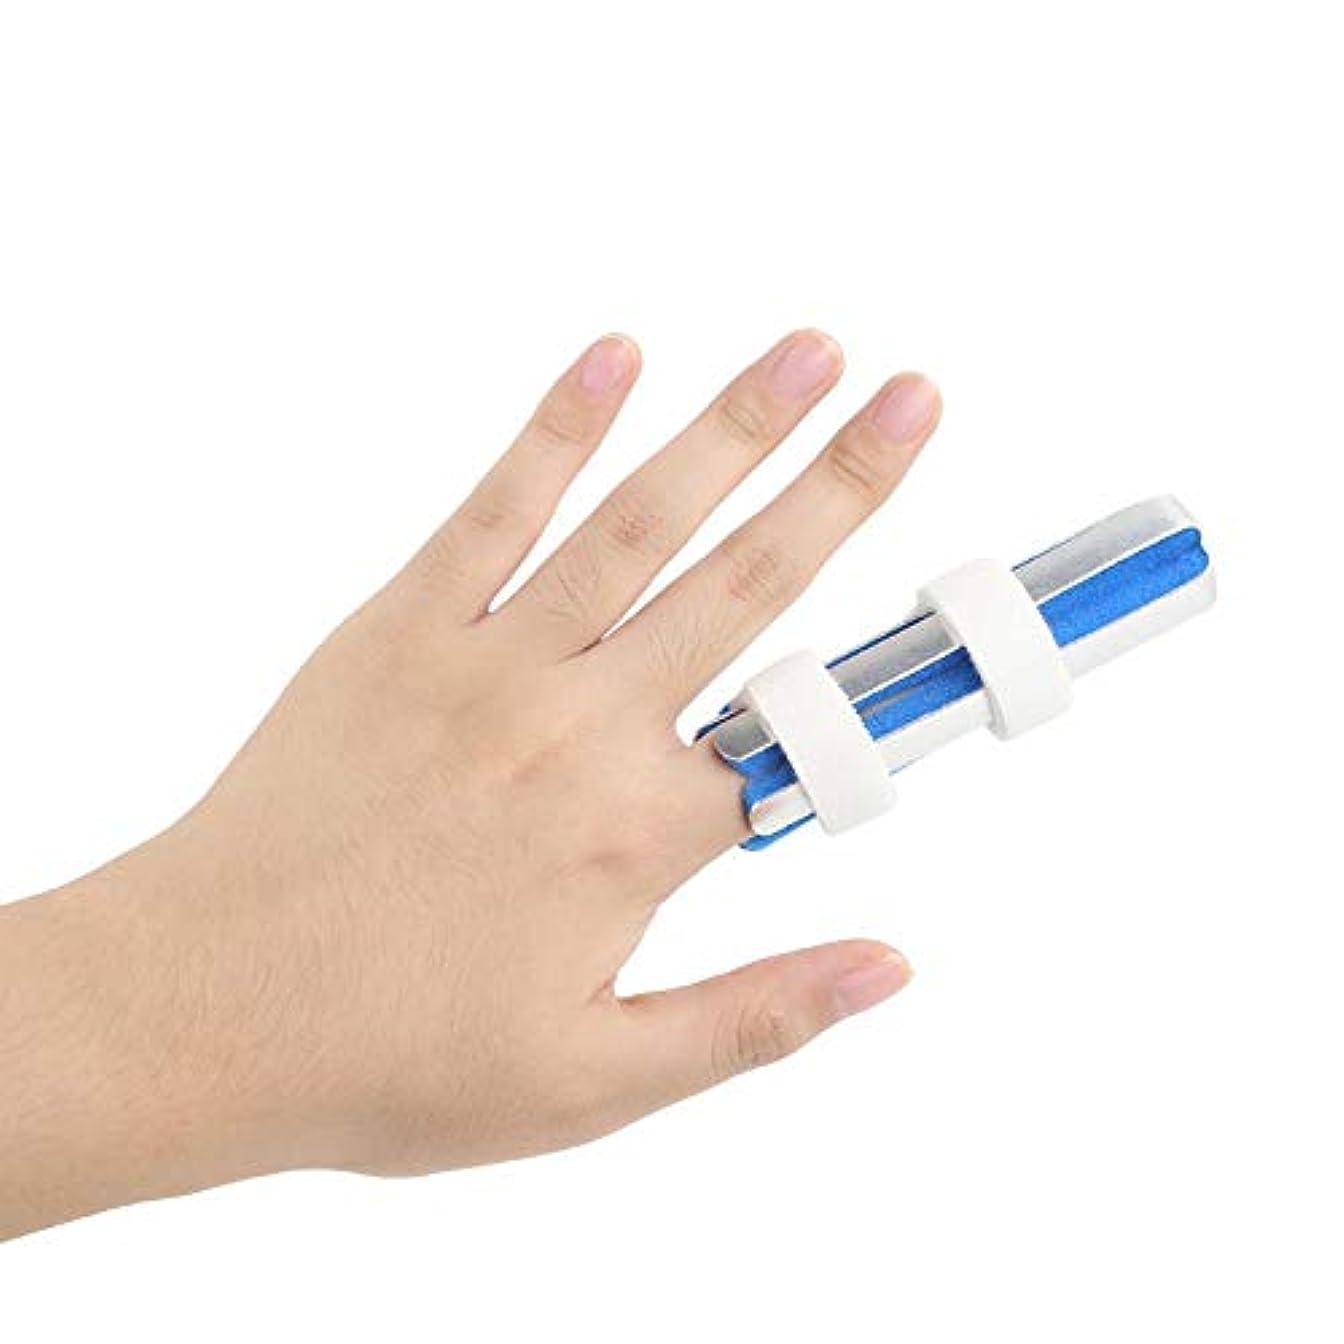 袋アレキサンダーグラハムベルドキュメンタリー指骨折固定副木 - 保護指のカップリング装具脱臼の痛み指のけがの痛み保護指関節,S